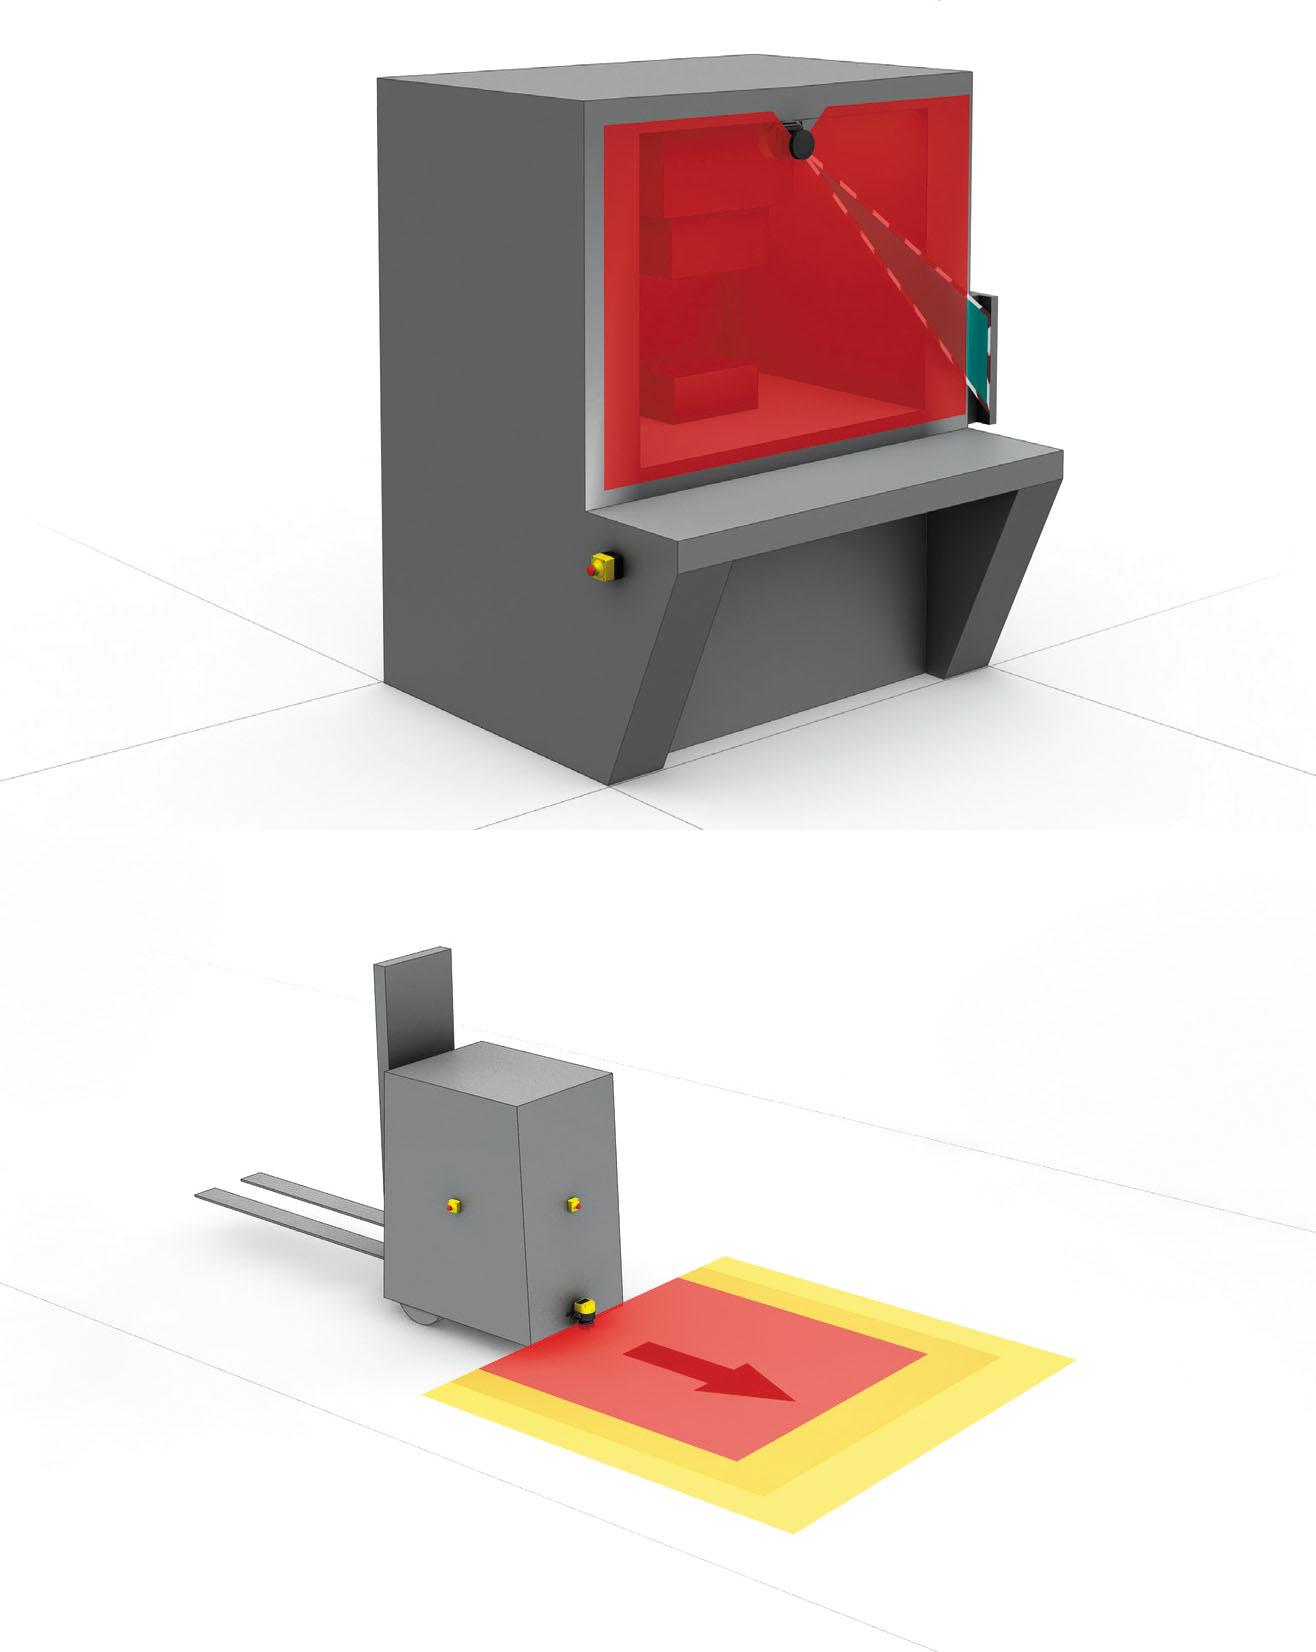 Рис. 5. Варианты задания зон безопасности для сканера семейства microScan3 Core: а) использование сканера для защиты рук; б) тройной набор полей, состоящий из одного защитного поля (выделено красным) и двух полей предупреждения (оранжевого и желтого)